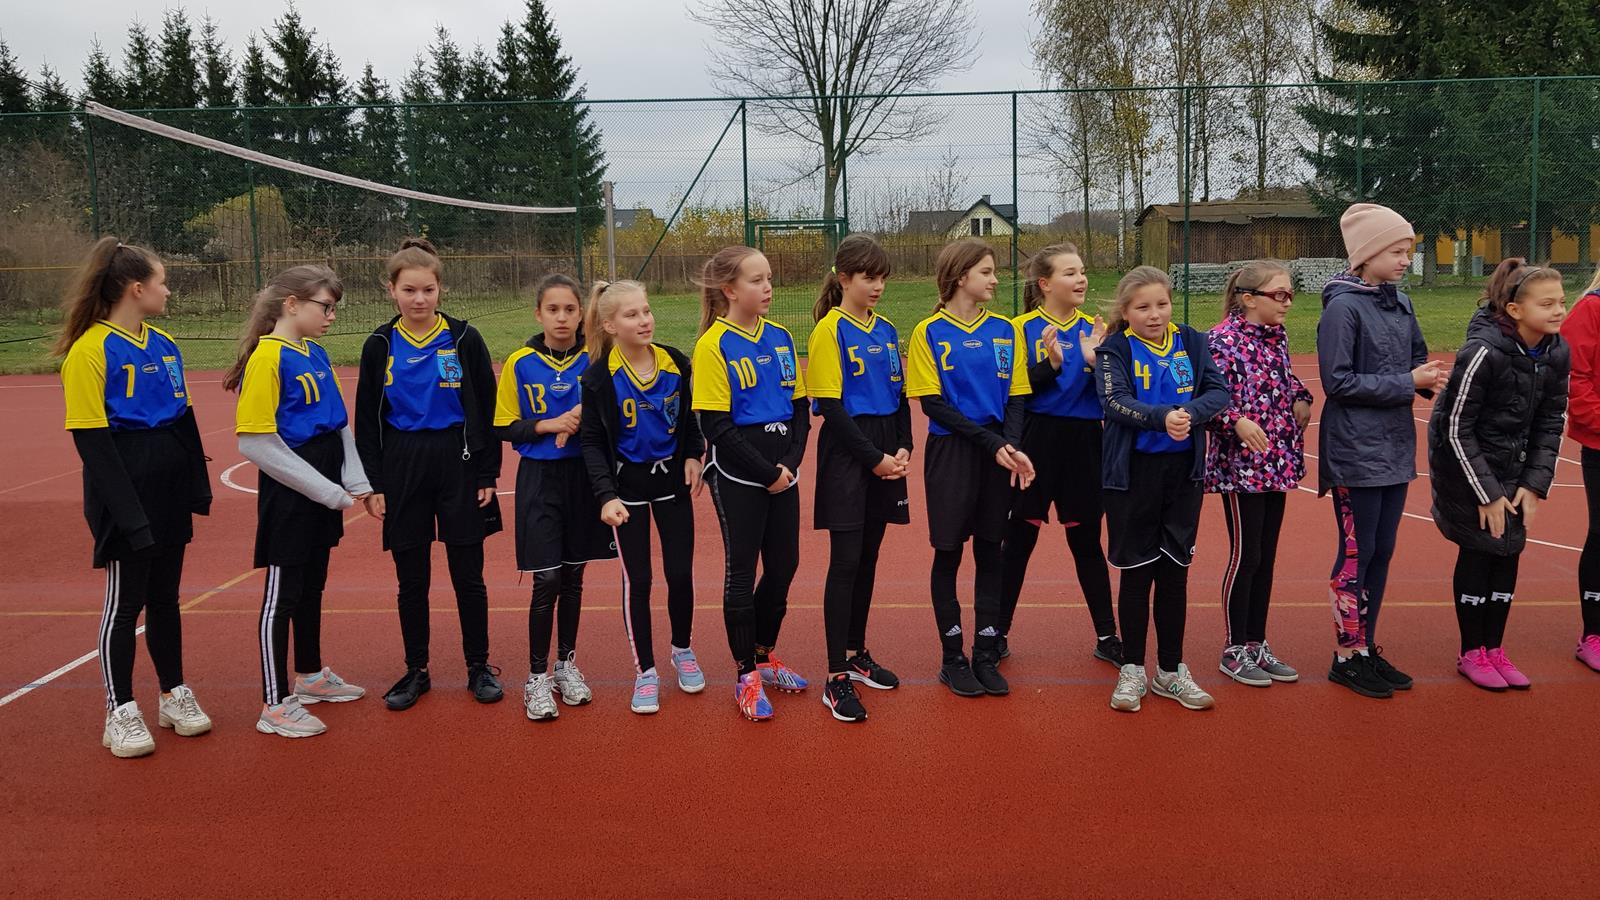 Powiatowy Turniej Piłki Nożnej Dziewcząt - Igrzyska dzieci